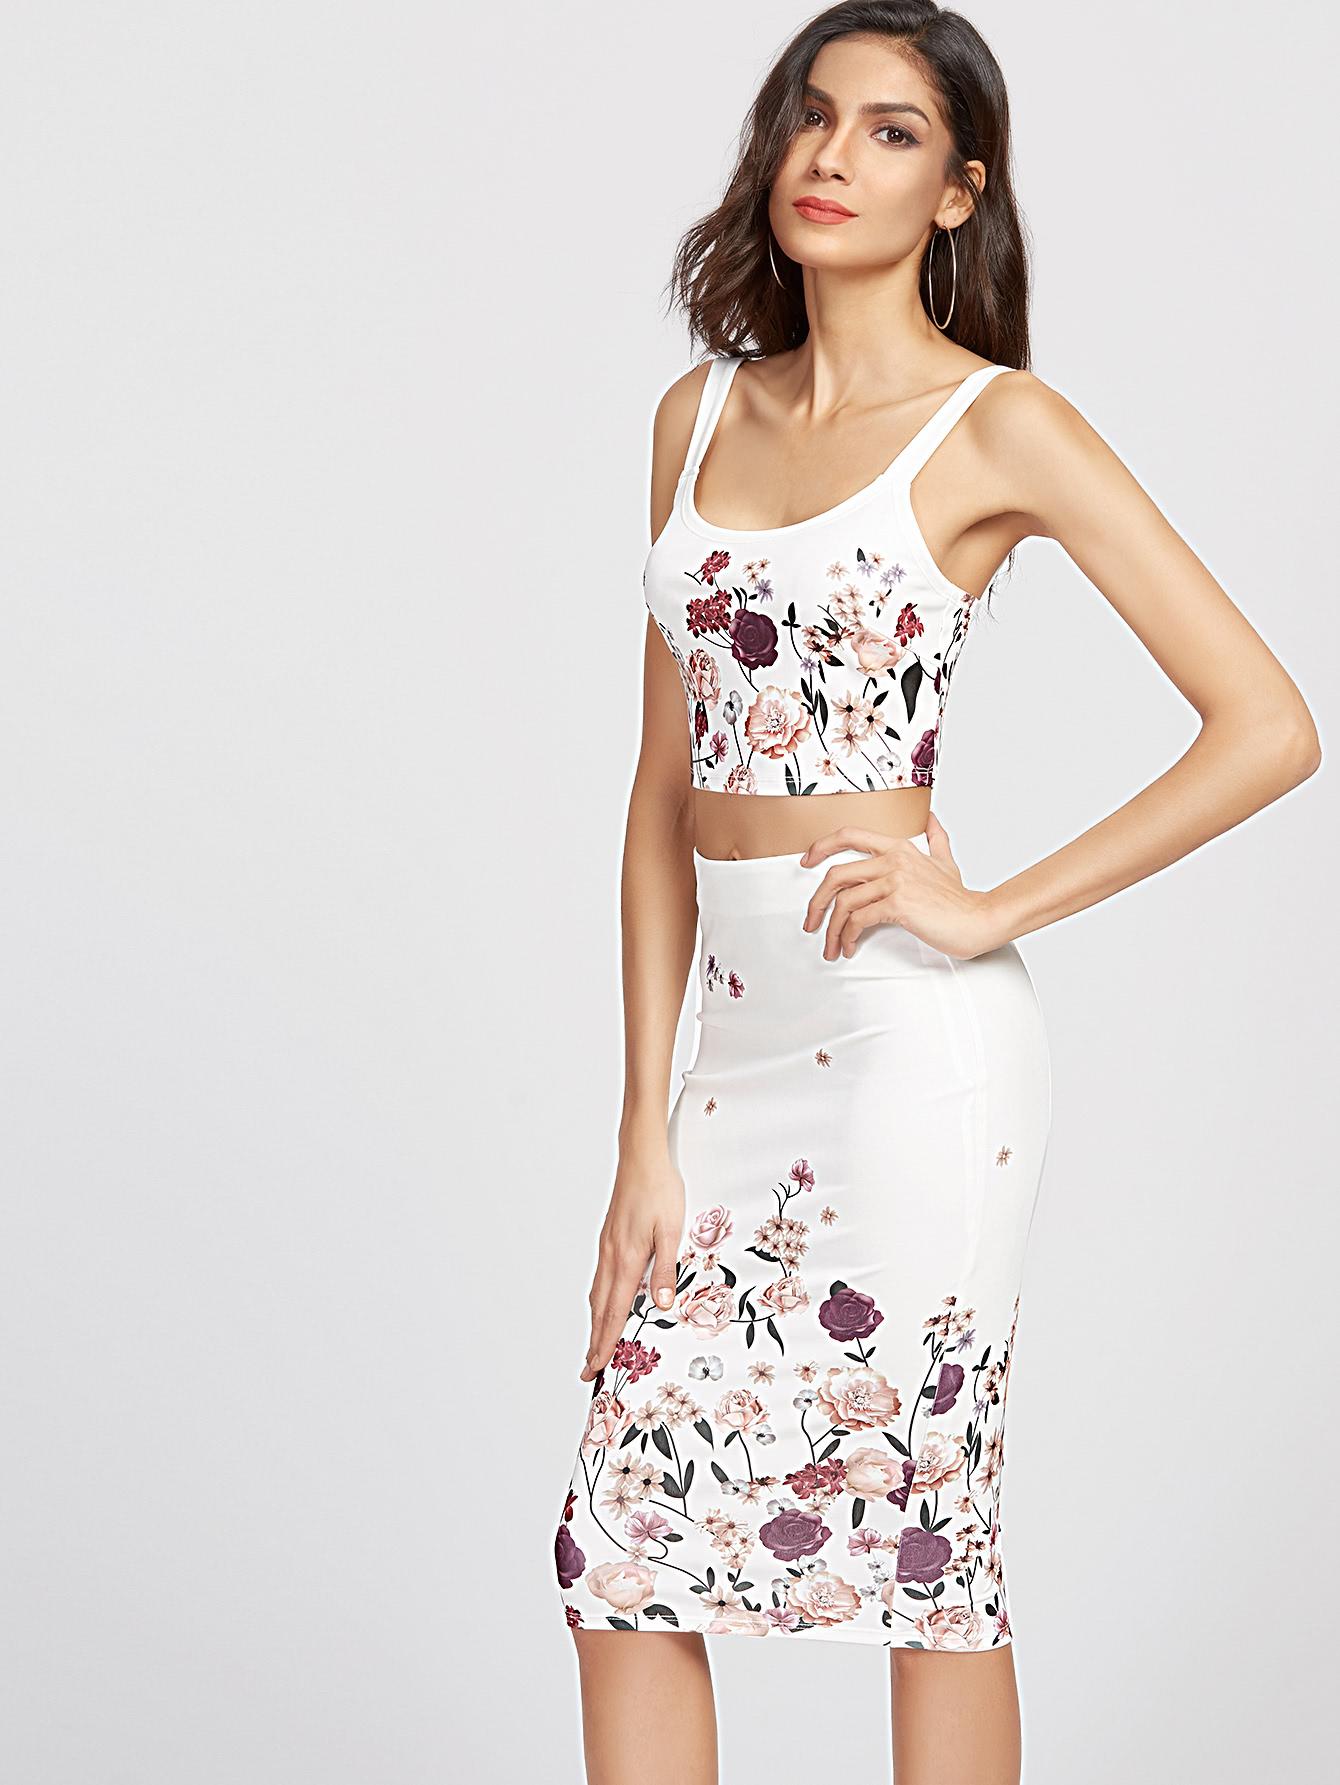 c269fec100 Flower Print Crop Tank Top And Pencil Skirt Set -SheIn(Sheinside)